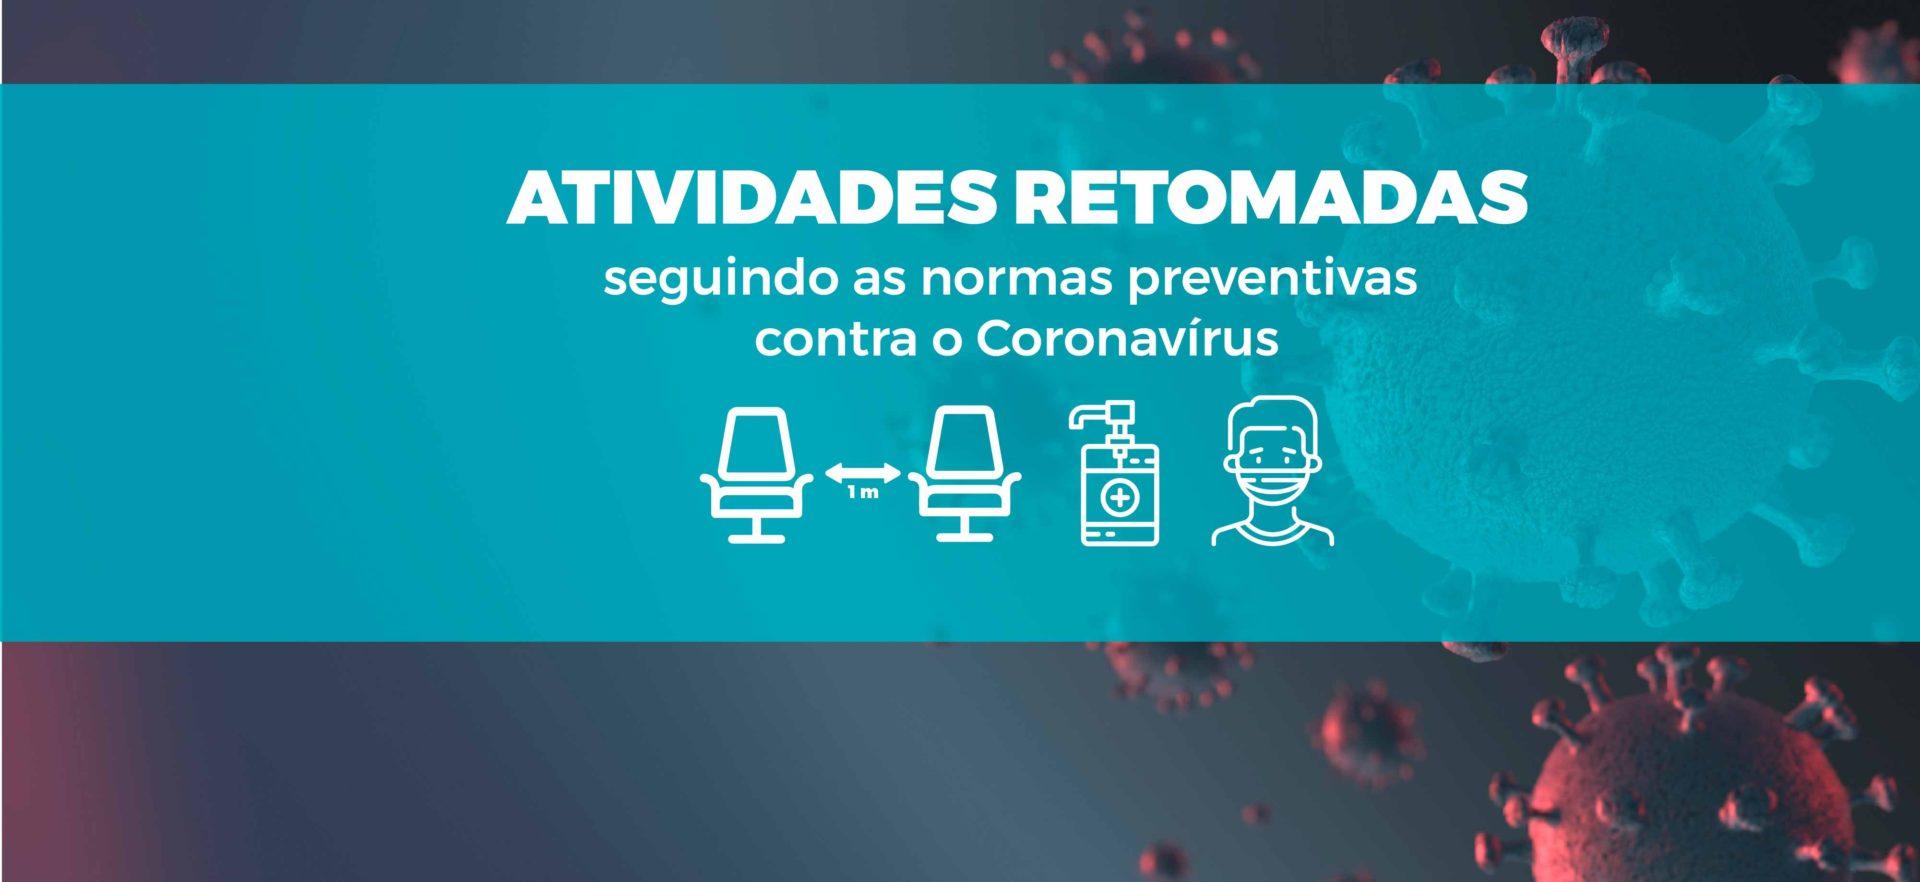 ATIVIDADES RETOMADAS